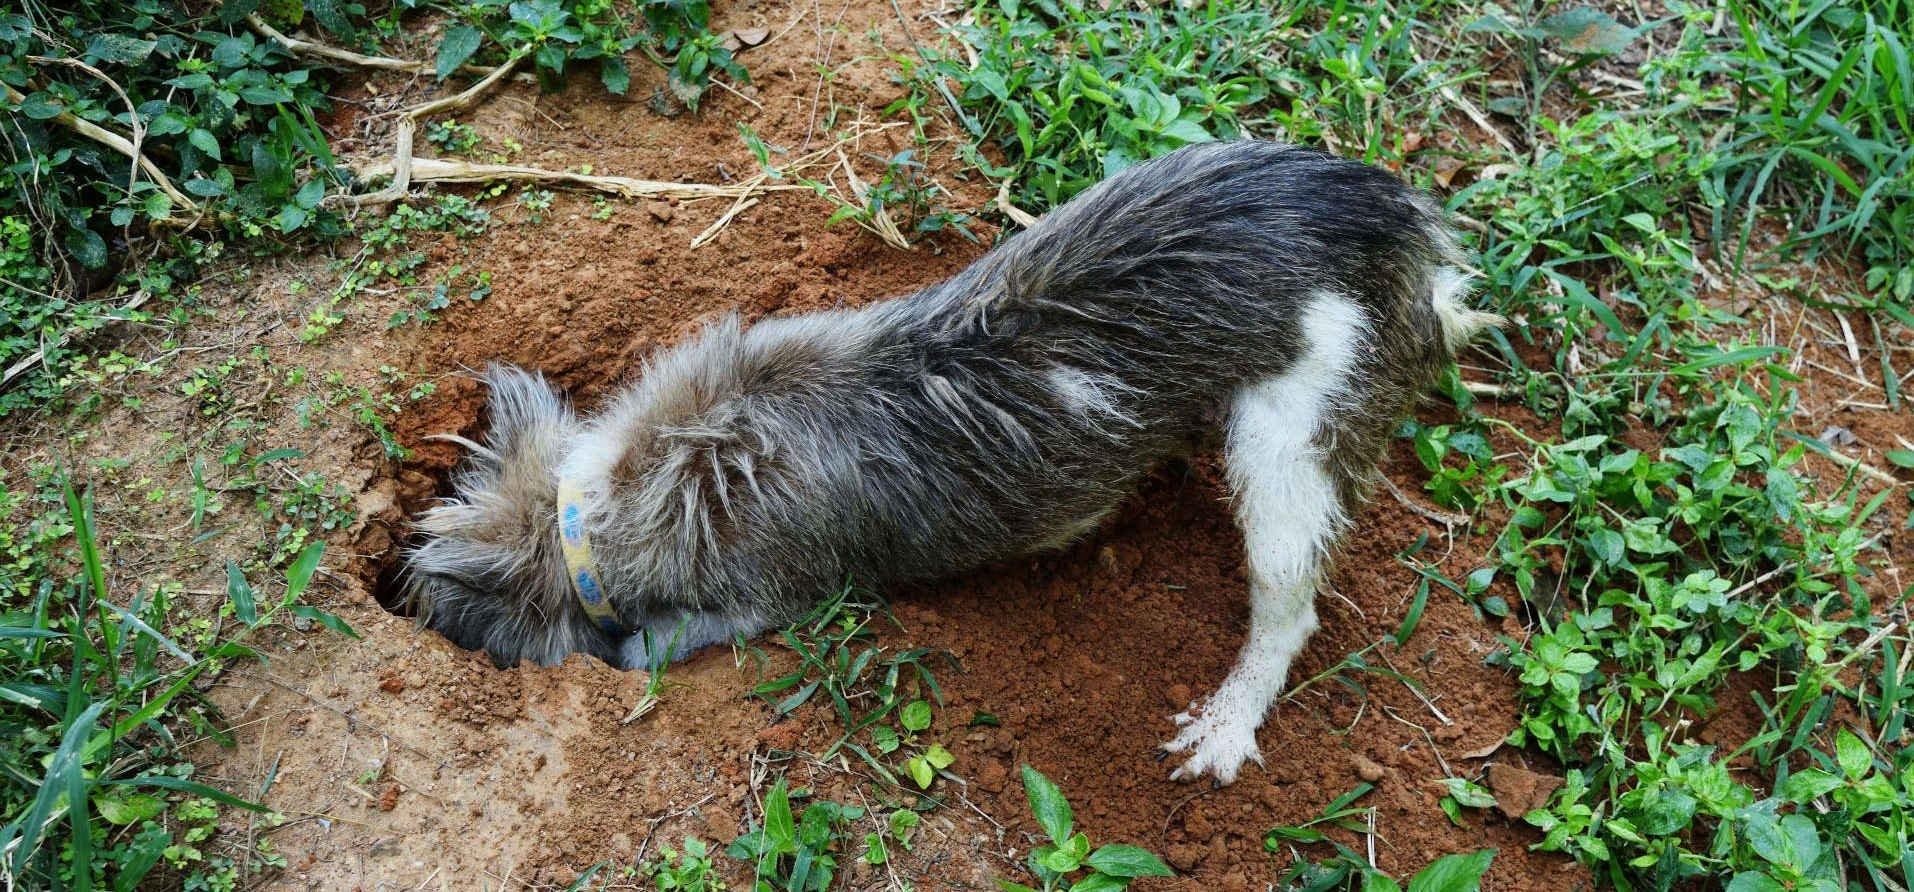 dog-digging-in-weeds